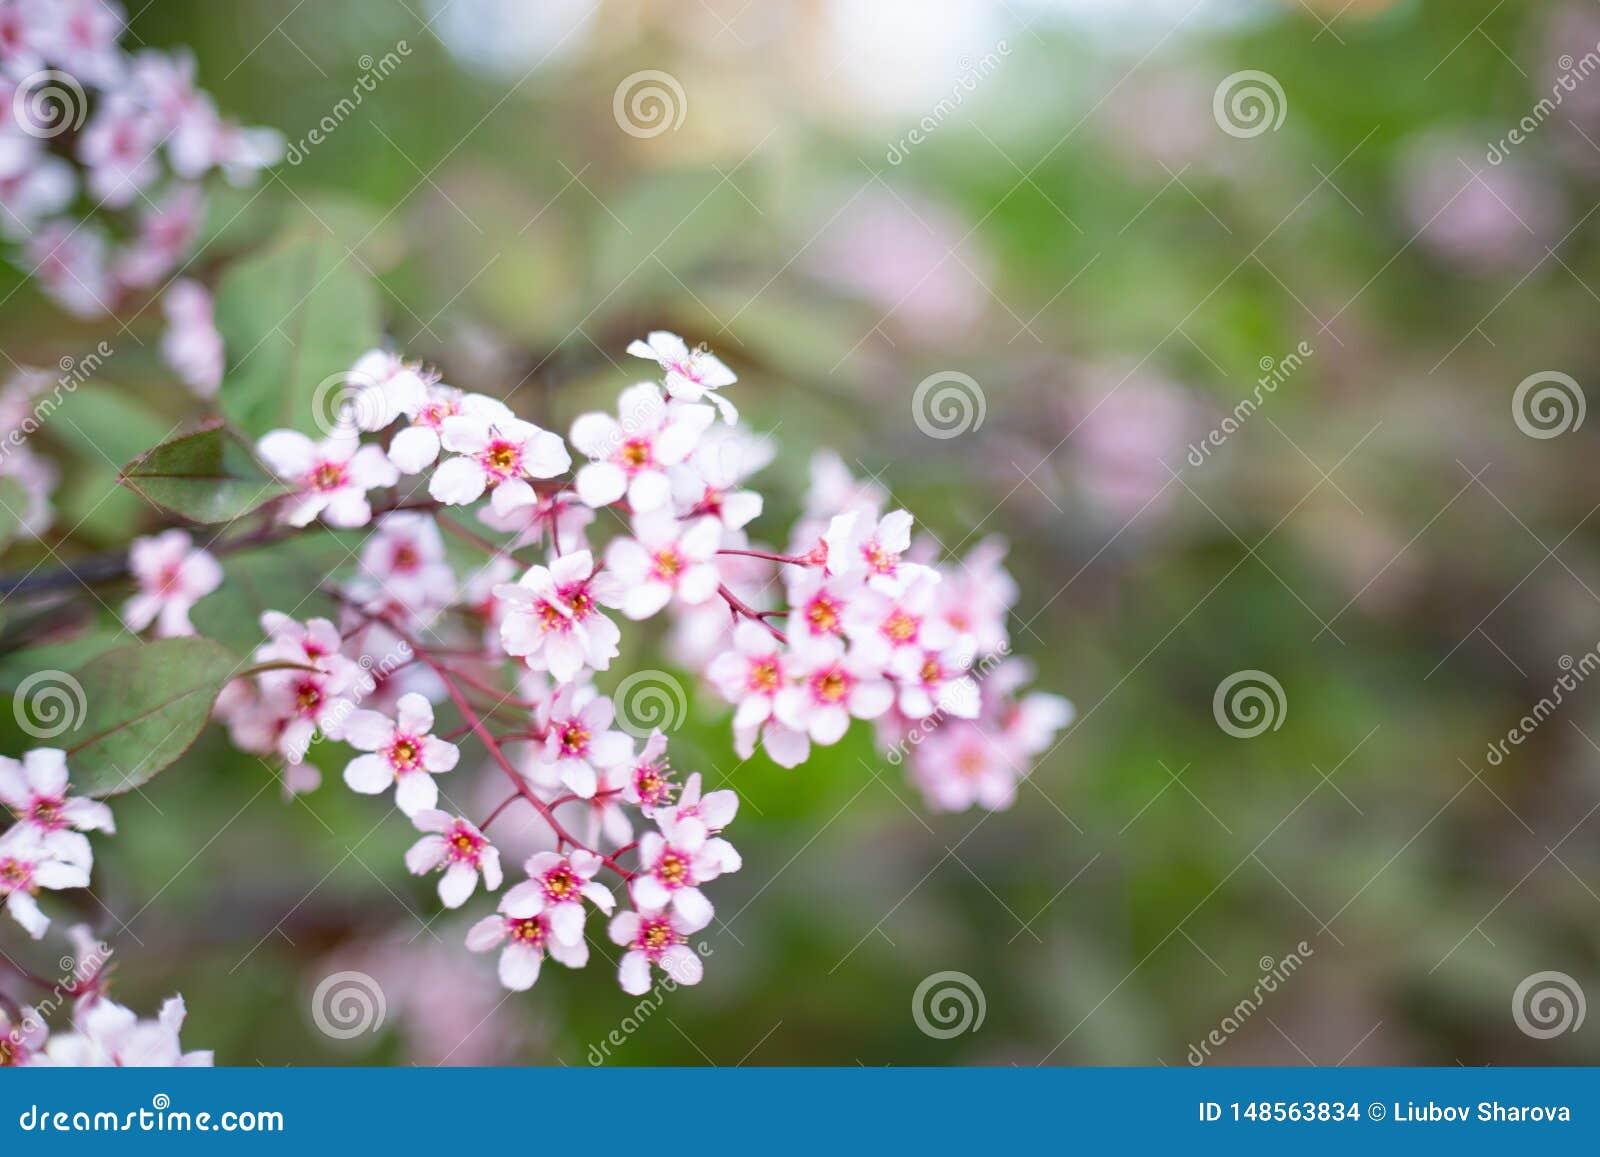 Τα πορφυρά λουλούδια του bergenia αυξάνονται σε έναν κήπο άνοιξη o Purpurea cordifolia Bergenia